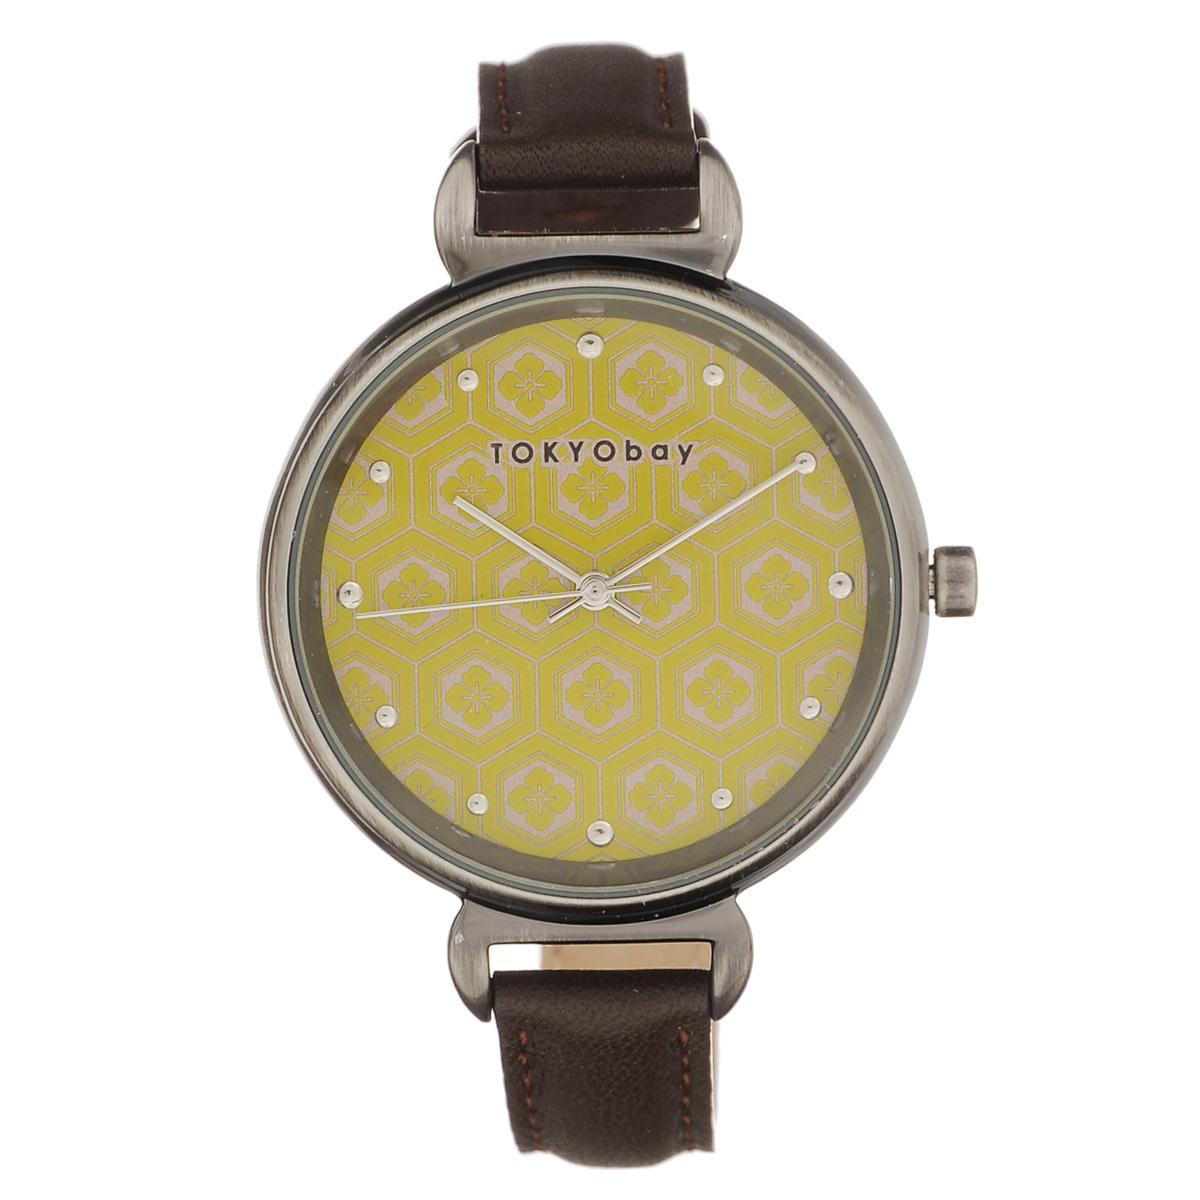 Часы женские наручные Tokyobay Mitsu, цвет: коричневый, горчичный. T399-MUT399-MUНаручные часы Tokyobay - это стильное дополнение к вашему неповторимому образу. Эти часы созданы для современных девушек, ценящих стиль, качество и практичность. Часы оснащены японским кварцевым механизмом Miyota. Корпус круглой формы выполнен из сплава металлов, не содержащего никель. Задняя крышка изготовлена из нержавеющей стали. Циферблат оформлен металлическими отметками и узором из цветков, имеет три стрелки - часовую, минутную и секундную. Циферблат защищен ударопрочным оптическим пластиком. Ремешок выполнен из натуральной кожи и застегивается на классическую застежку. Часы Tokyobay - это практичный и модный аксессуар, который подчеркнет ваш безупречный вкус. Характеристики: Корпус: 3,6 х 3,2 х 0,8 см. Размер ремешка: 19 х 1,2 см. Не содержит никель. Не водостойкие.